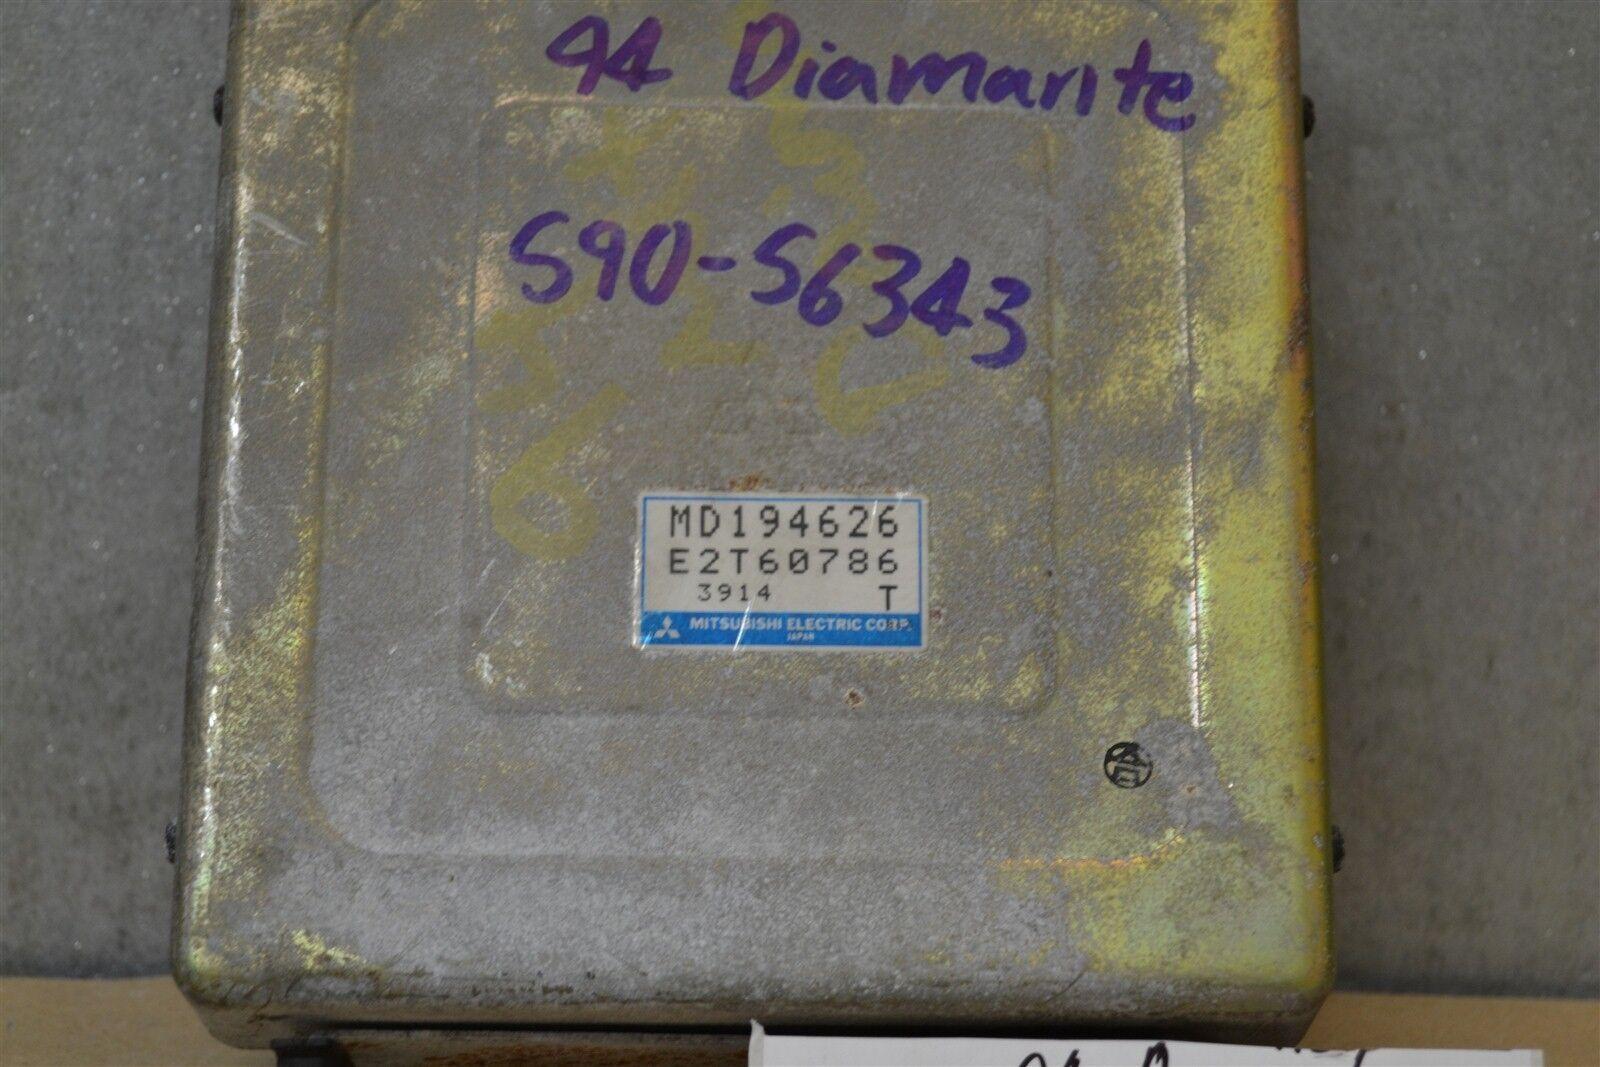 Used Mitsubishi Engine Computers For Sale Page 68 1994 Montero 30l Circuit Schematic Diagram Diamante Sedan Control Unit Ecu Md194626 Module 2014 11b6